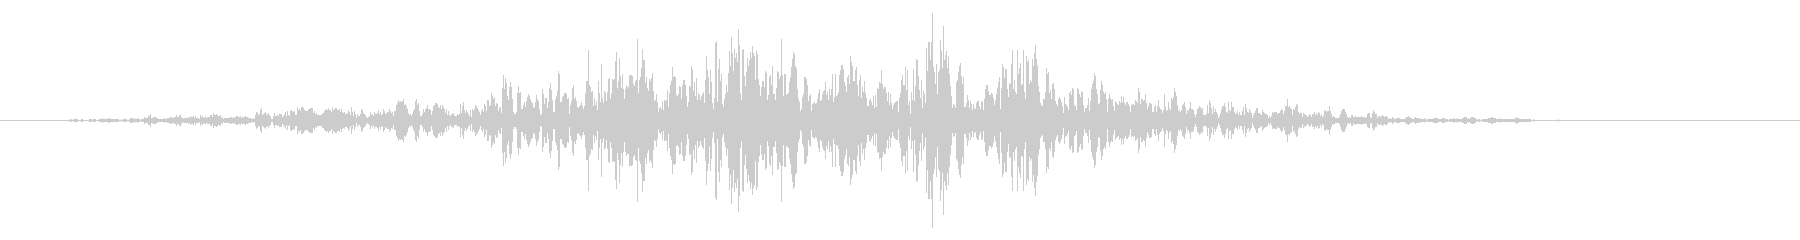 スライムなどが蠢く音 タイプA#3の未再生の波形